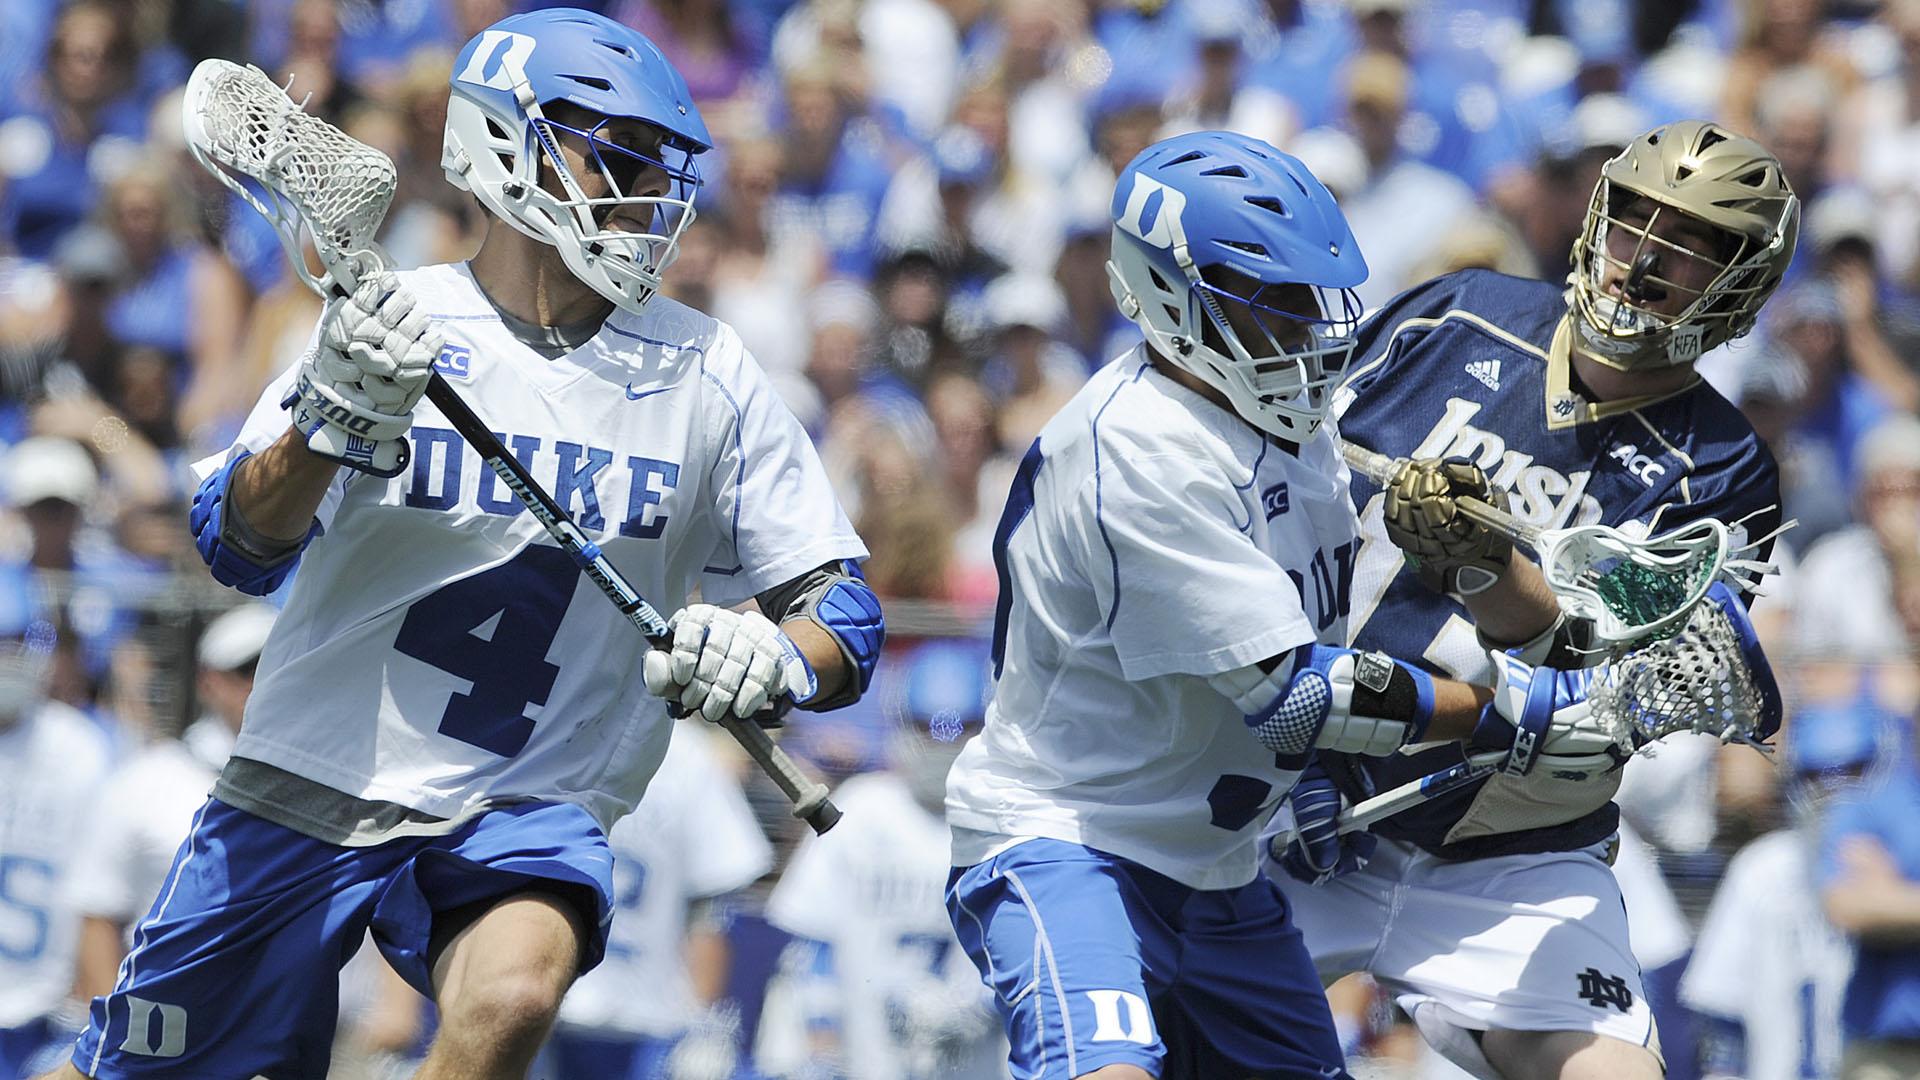 duke-lacrosse-071114-ap-ftr